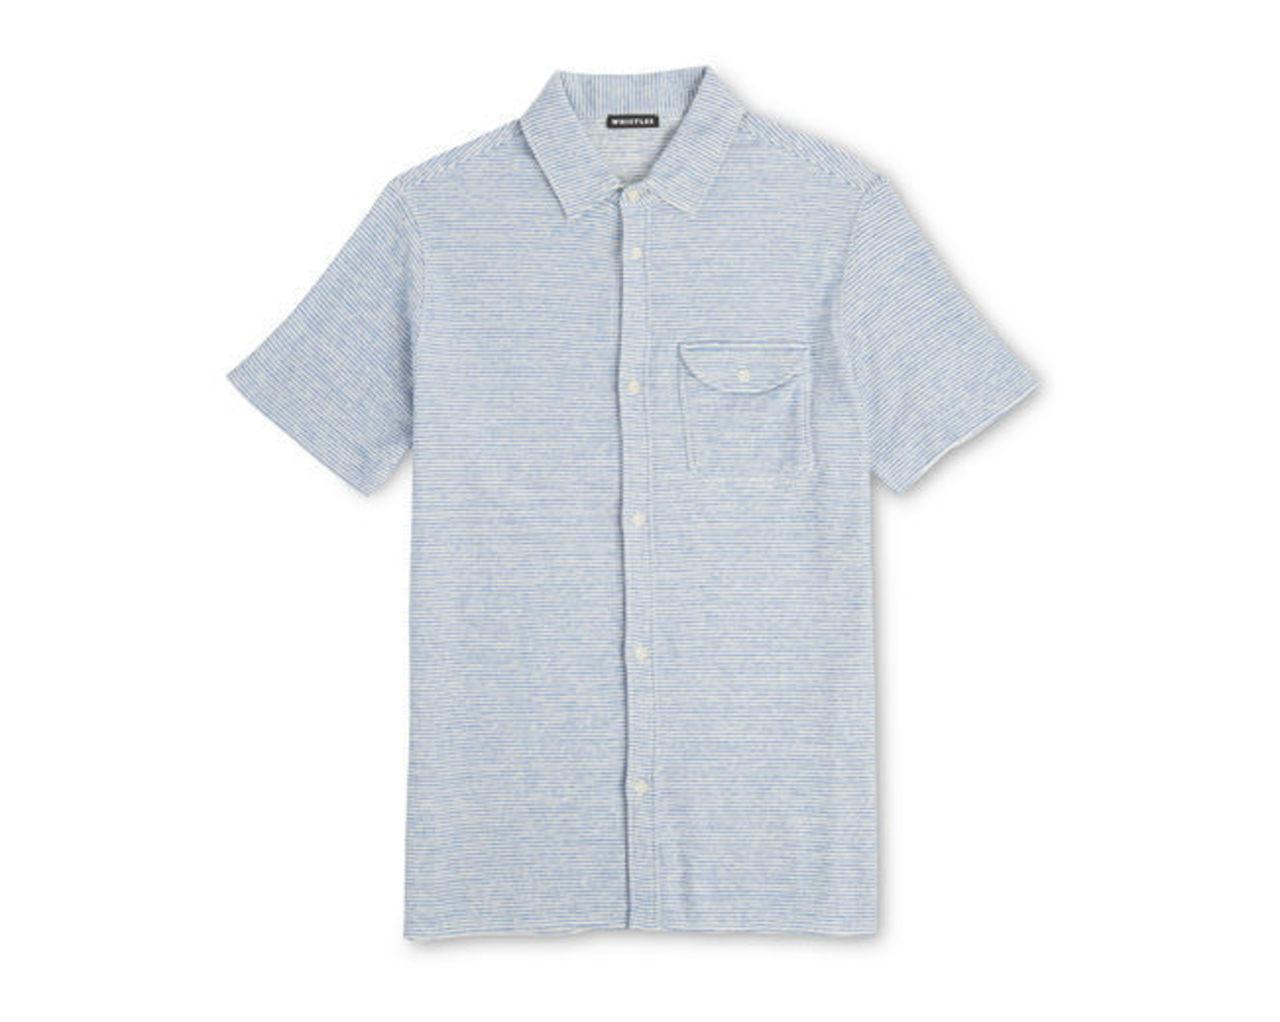 Terry Towel Shirt